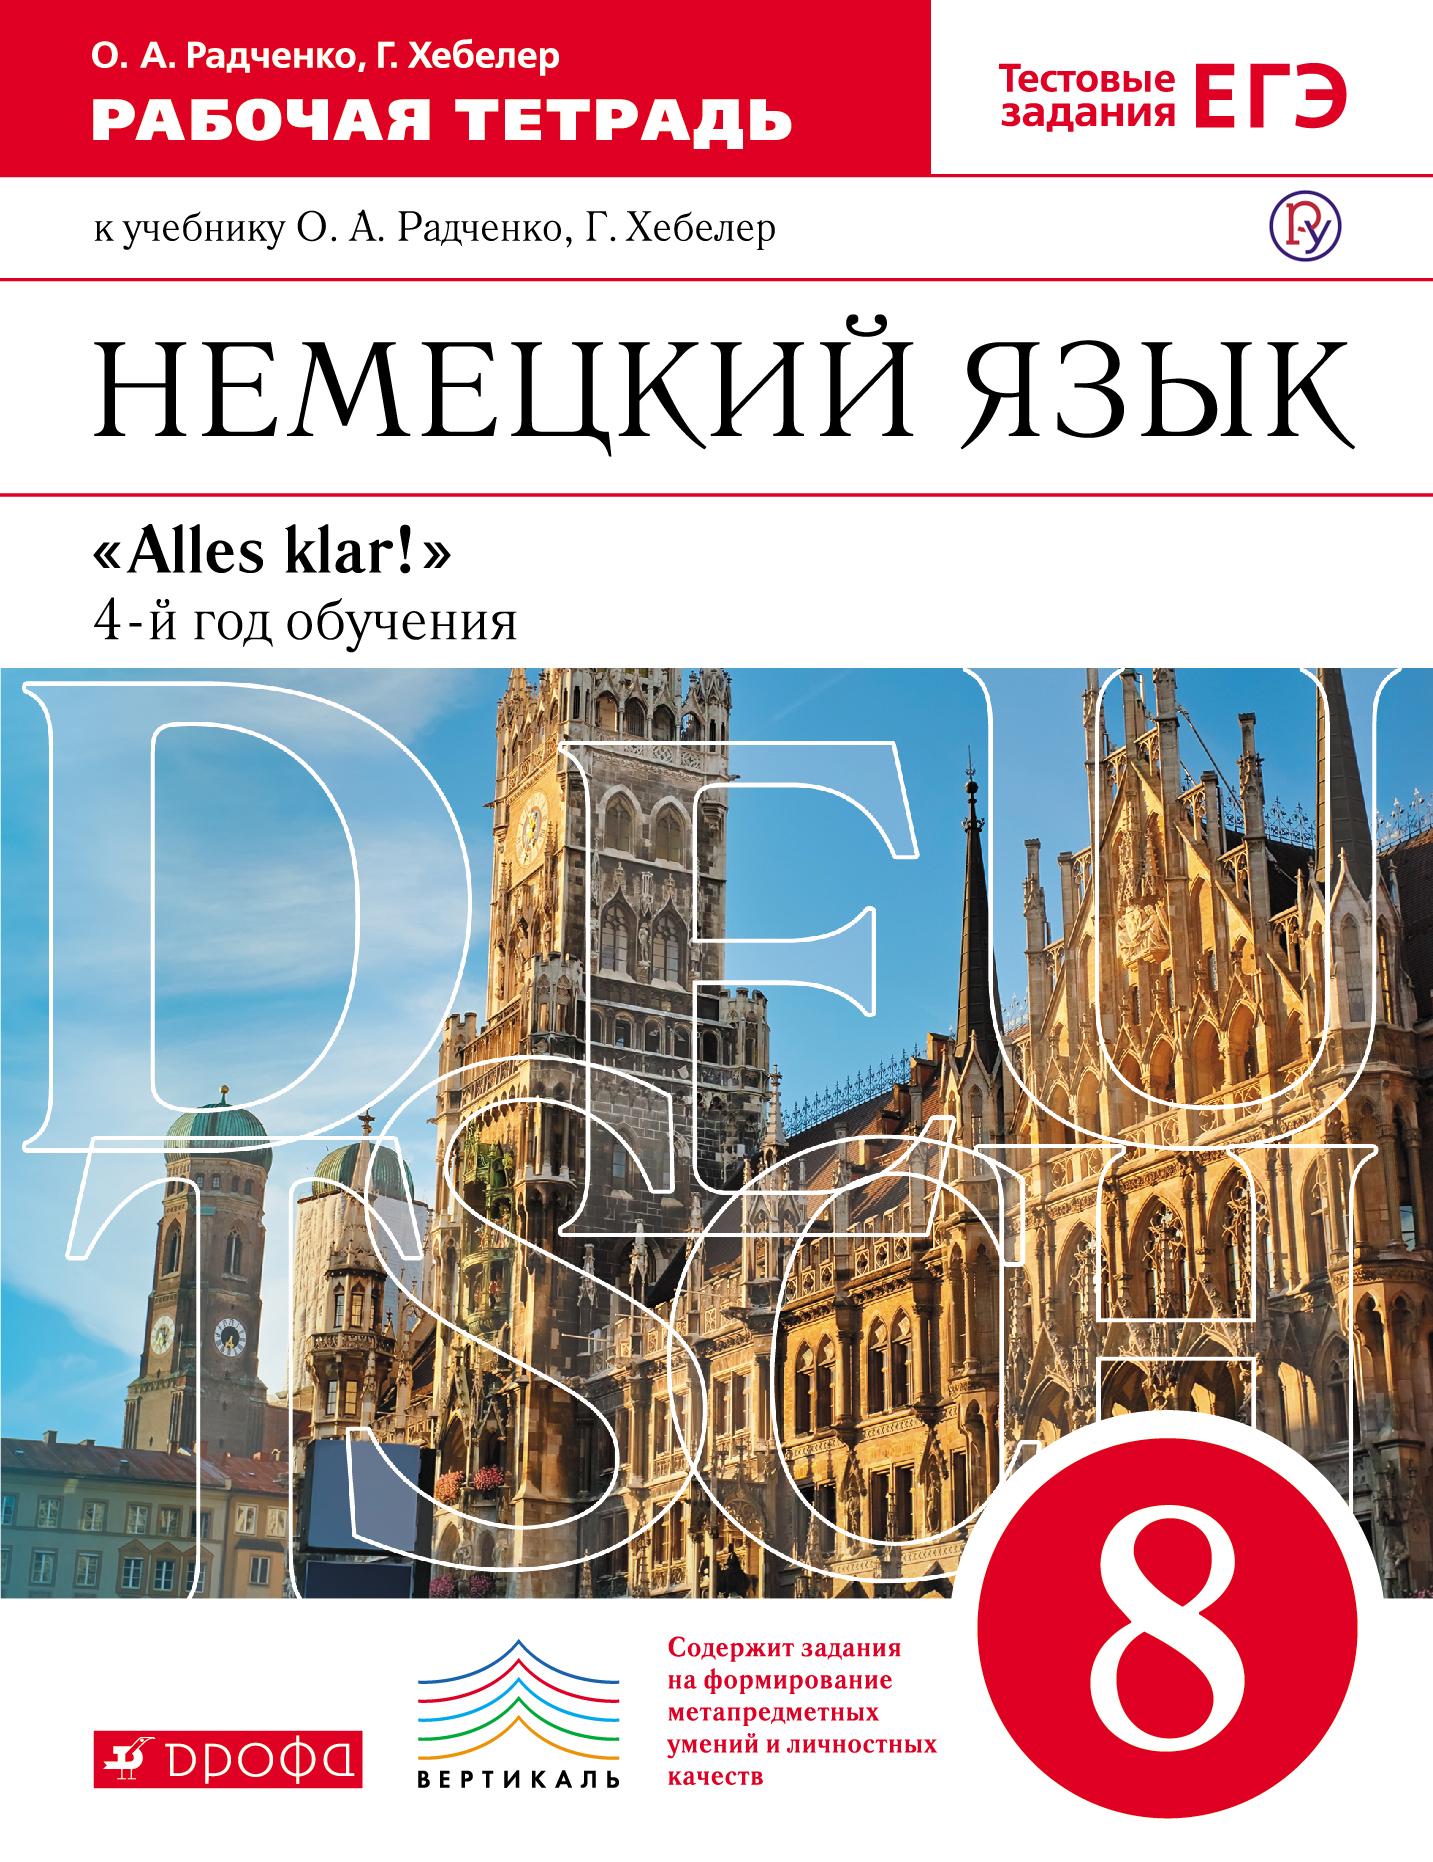 Немецкий язык как второй иностранный. 8 класс. Рабочая тетрадь